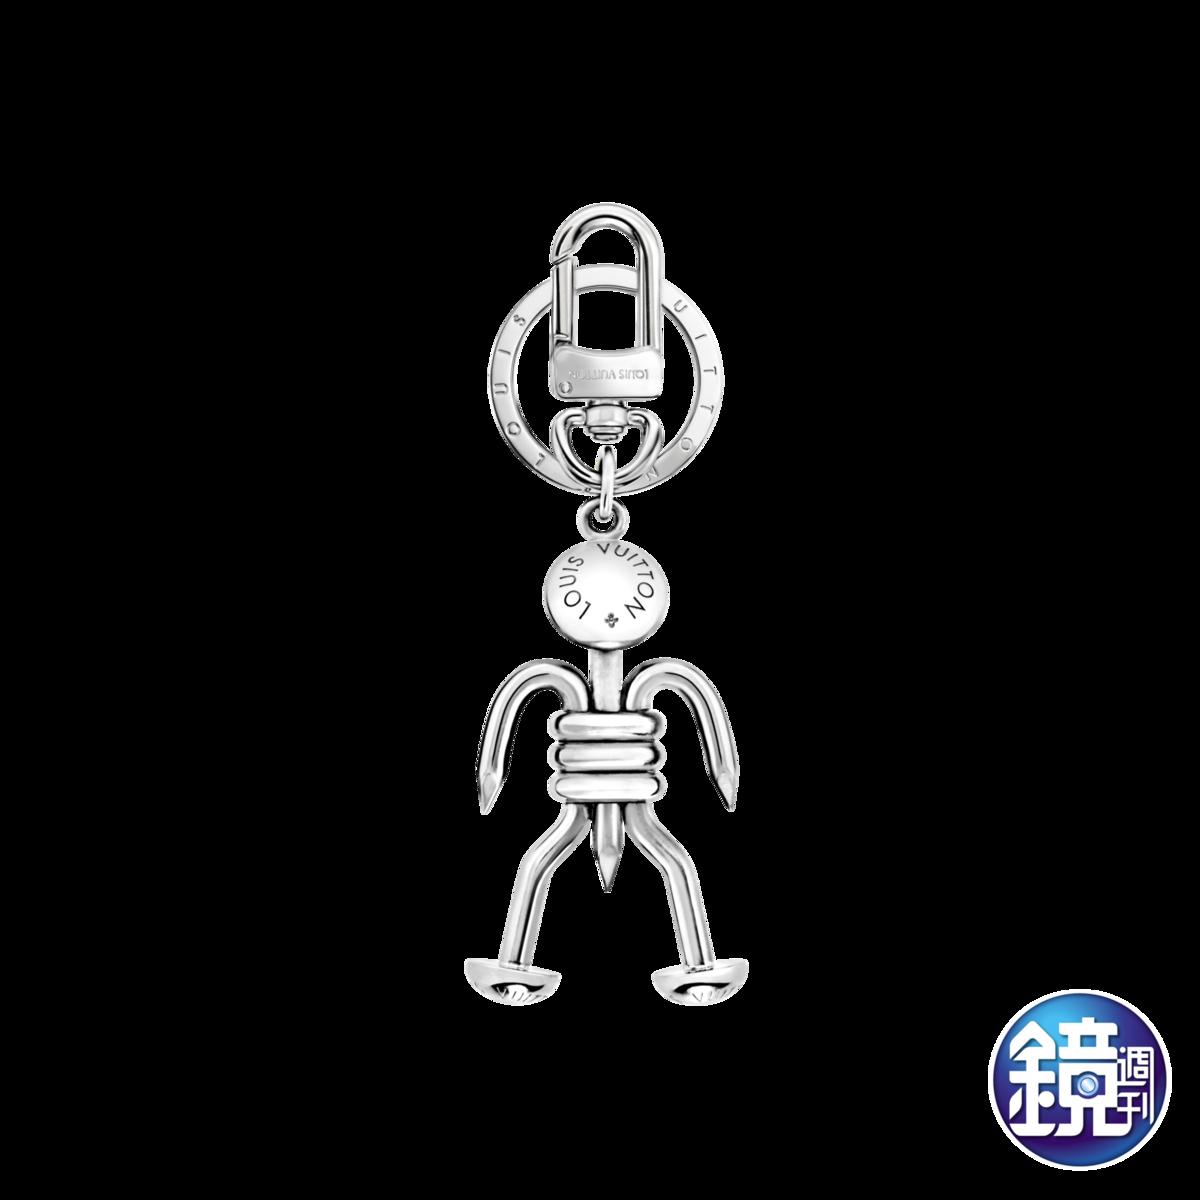 快閃店獨賣商品:LV機器人造型鑰匙圈,NT$24,400。